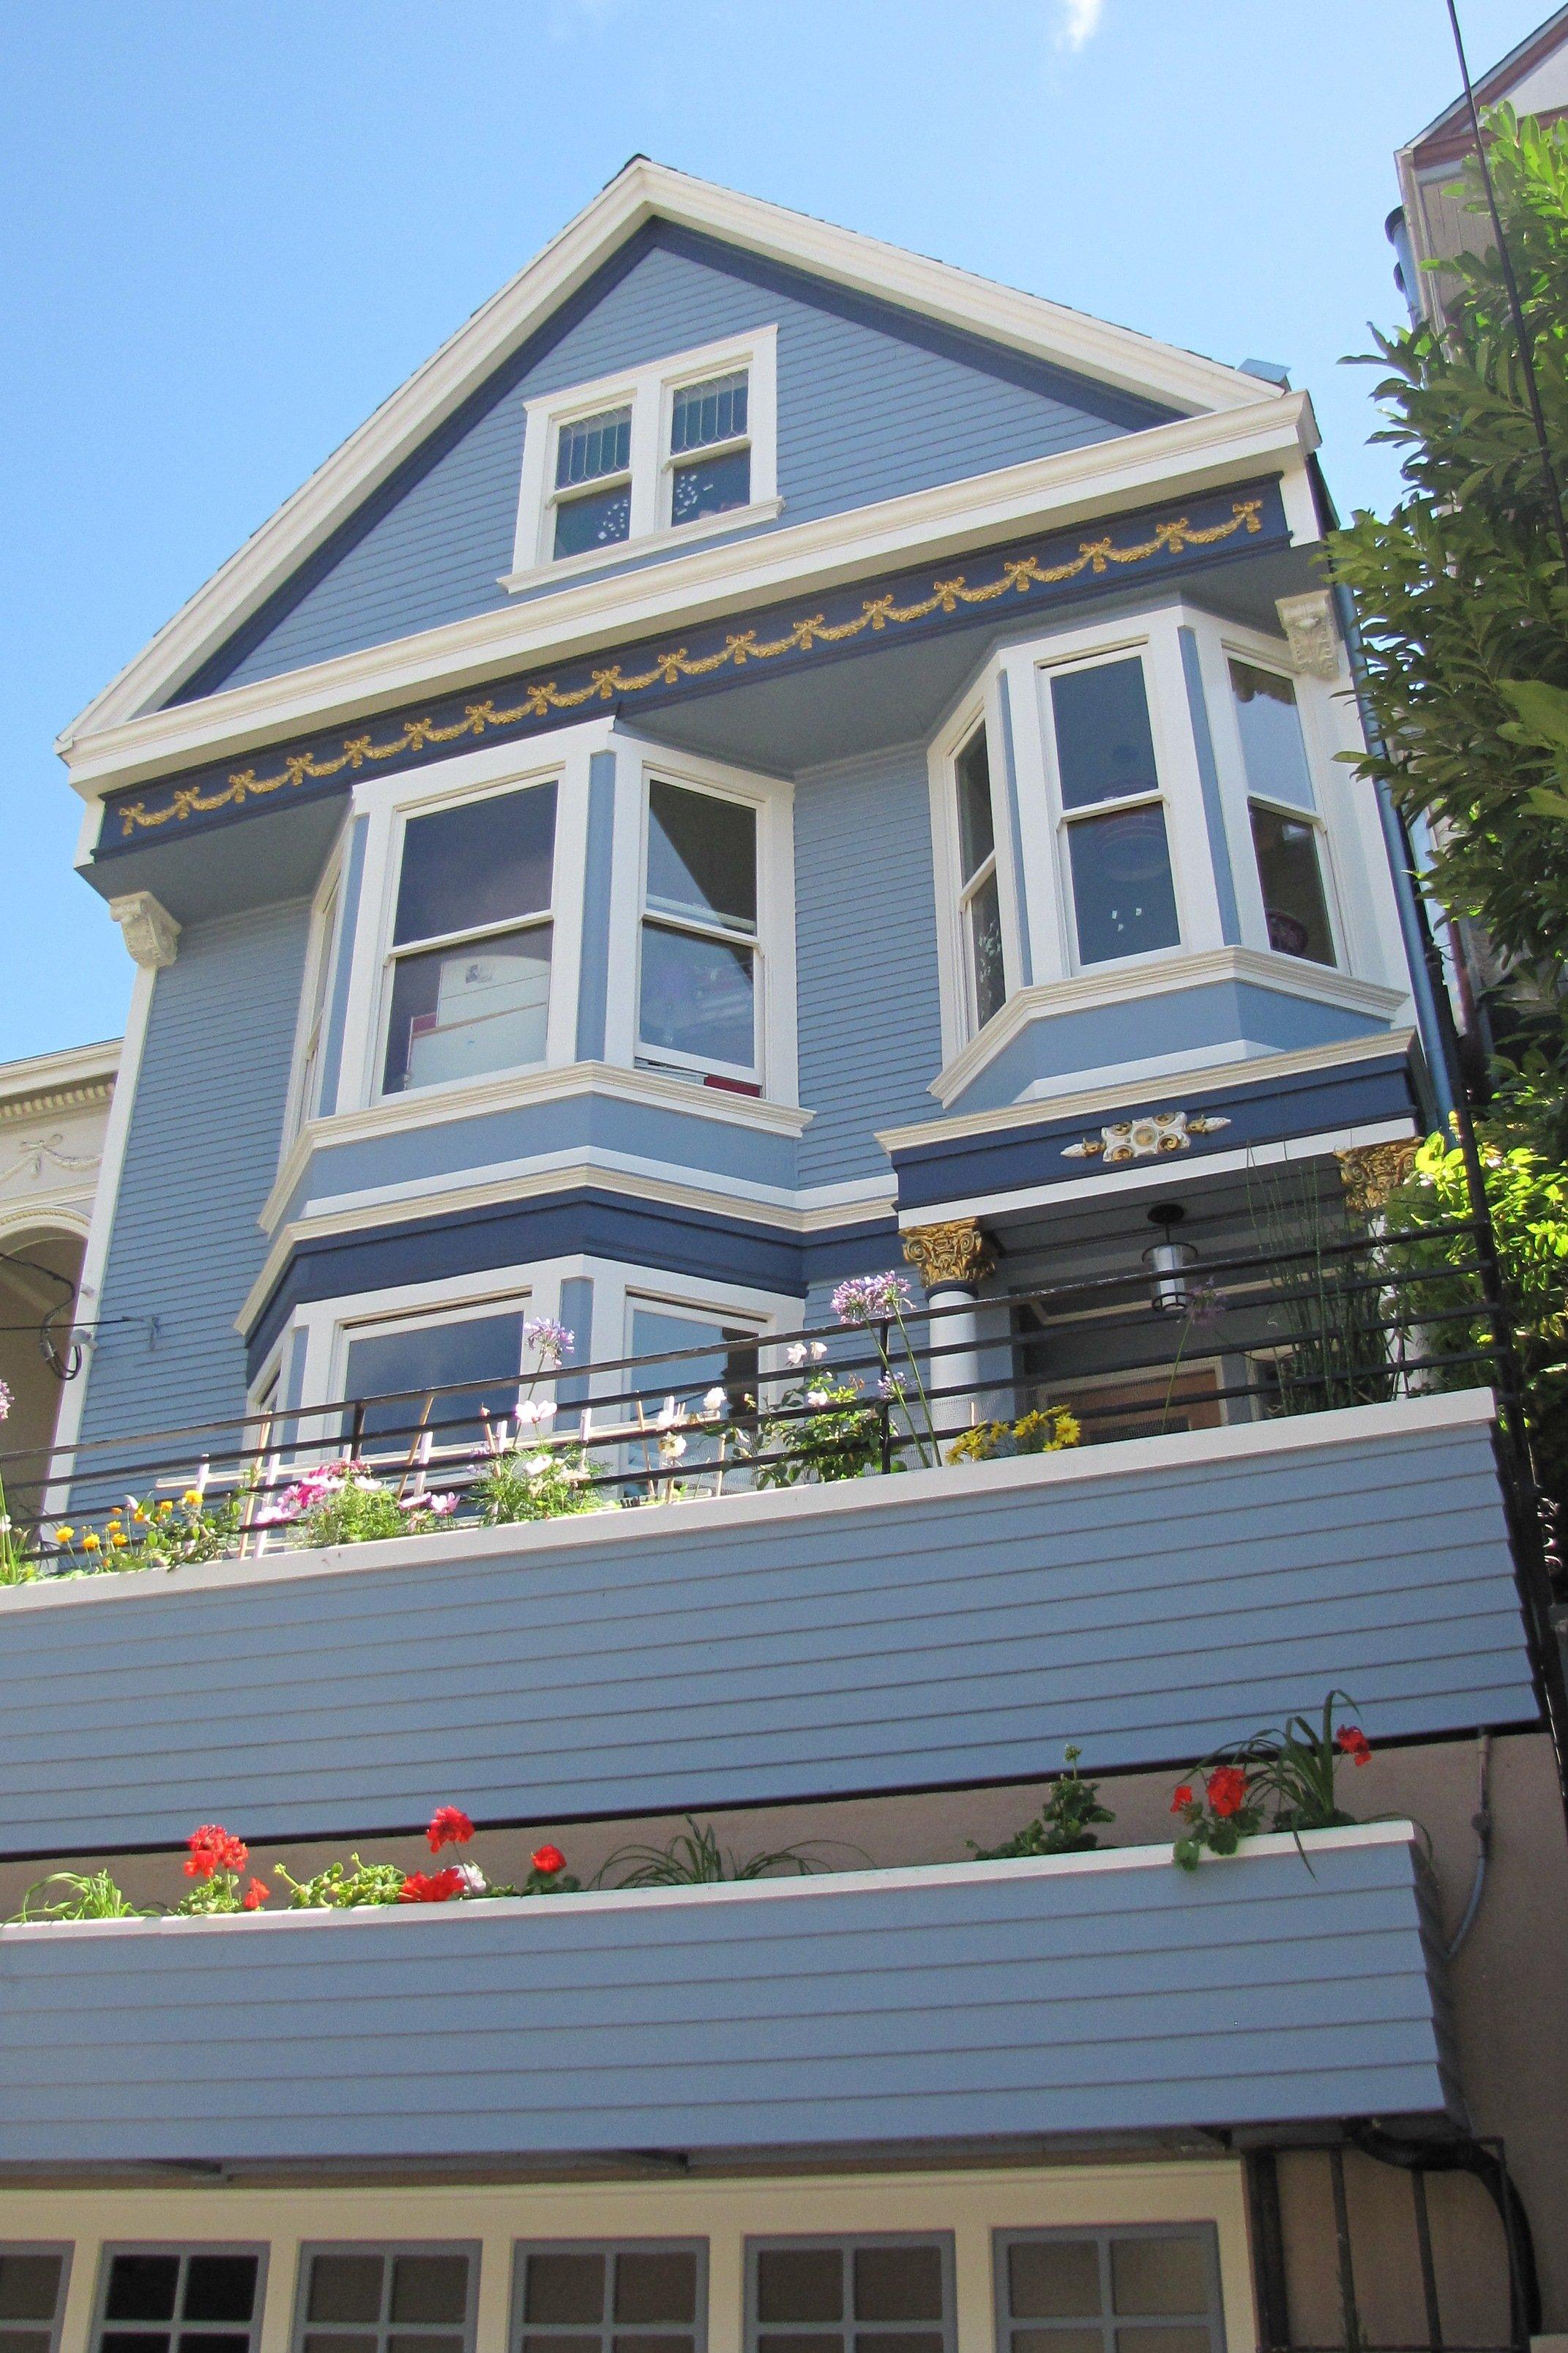 Lundi 25 juillet san francisco c est une maison bleue - Chanson une maison bleue ...